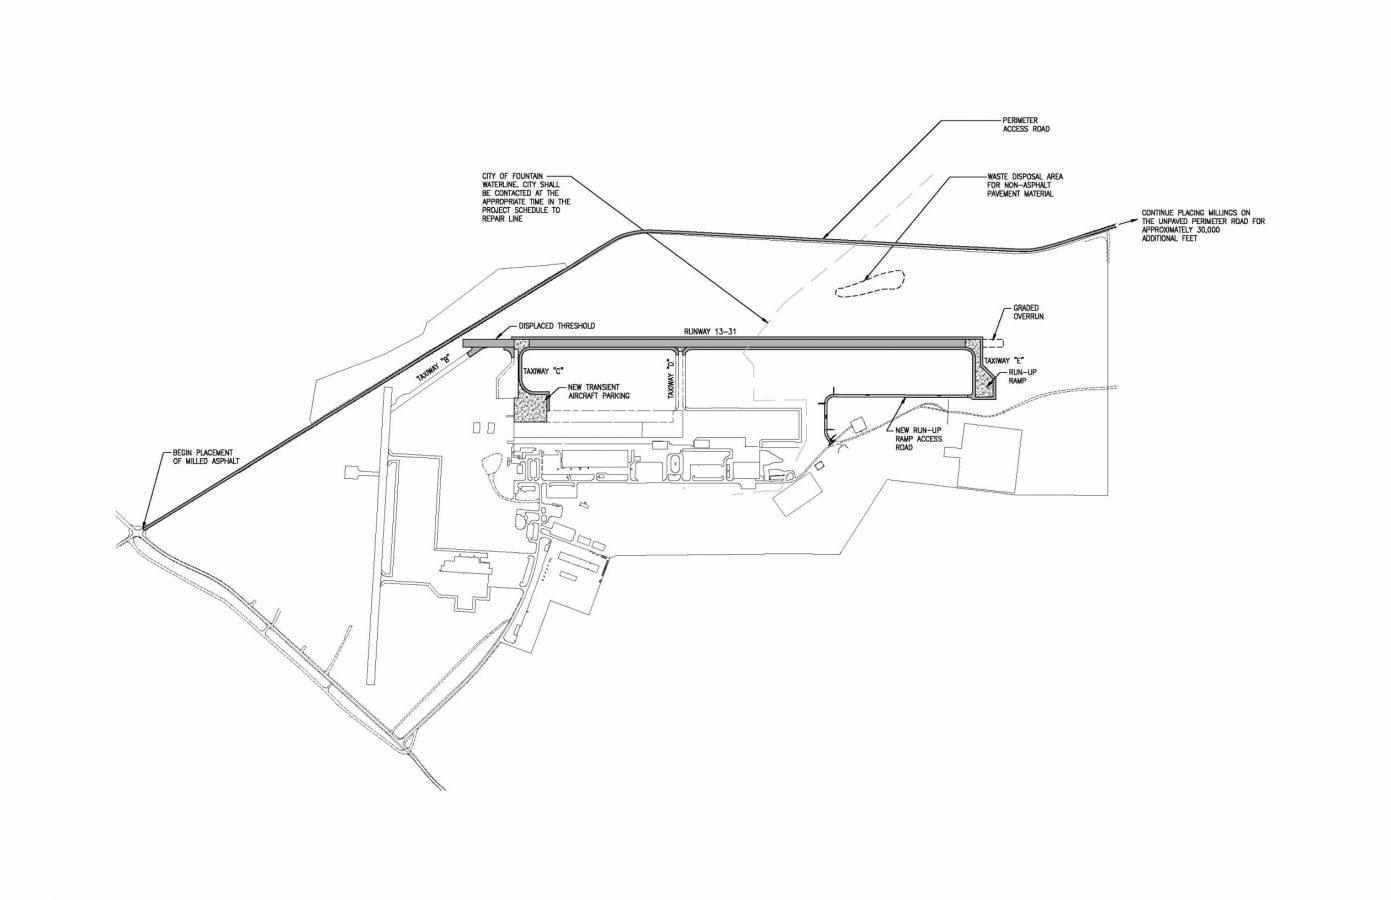 Reconstruct Widen Runway 13 31